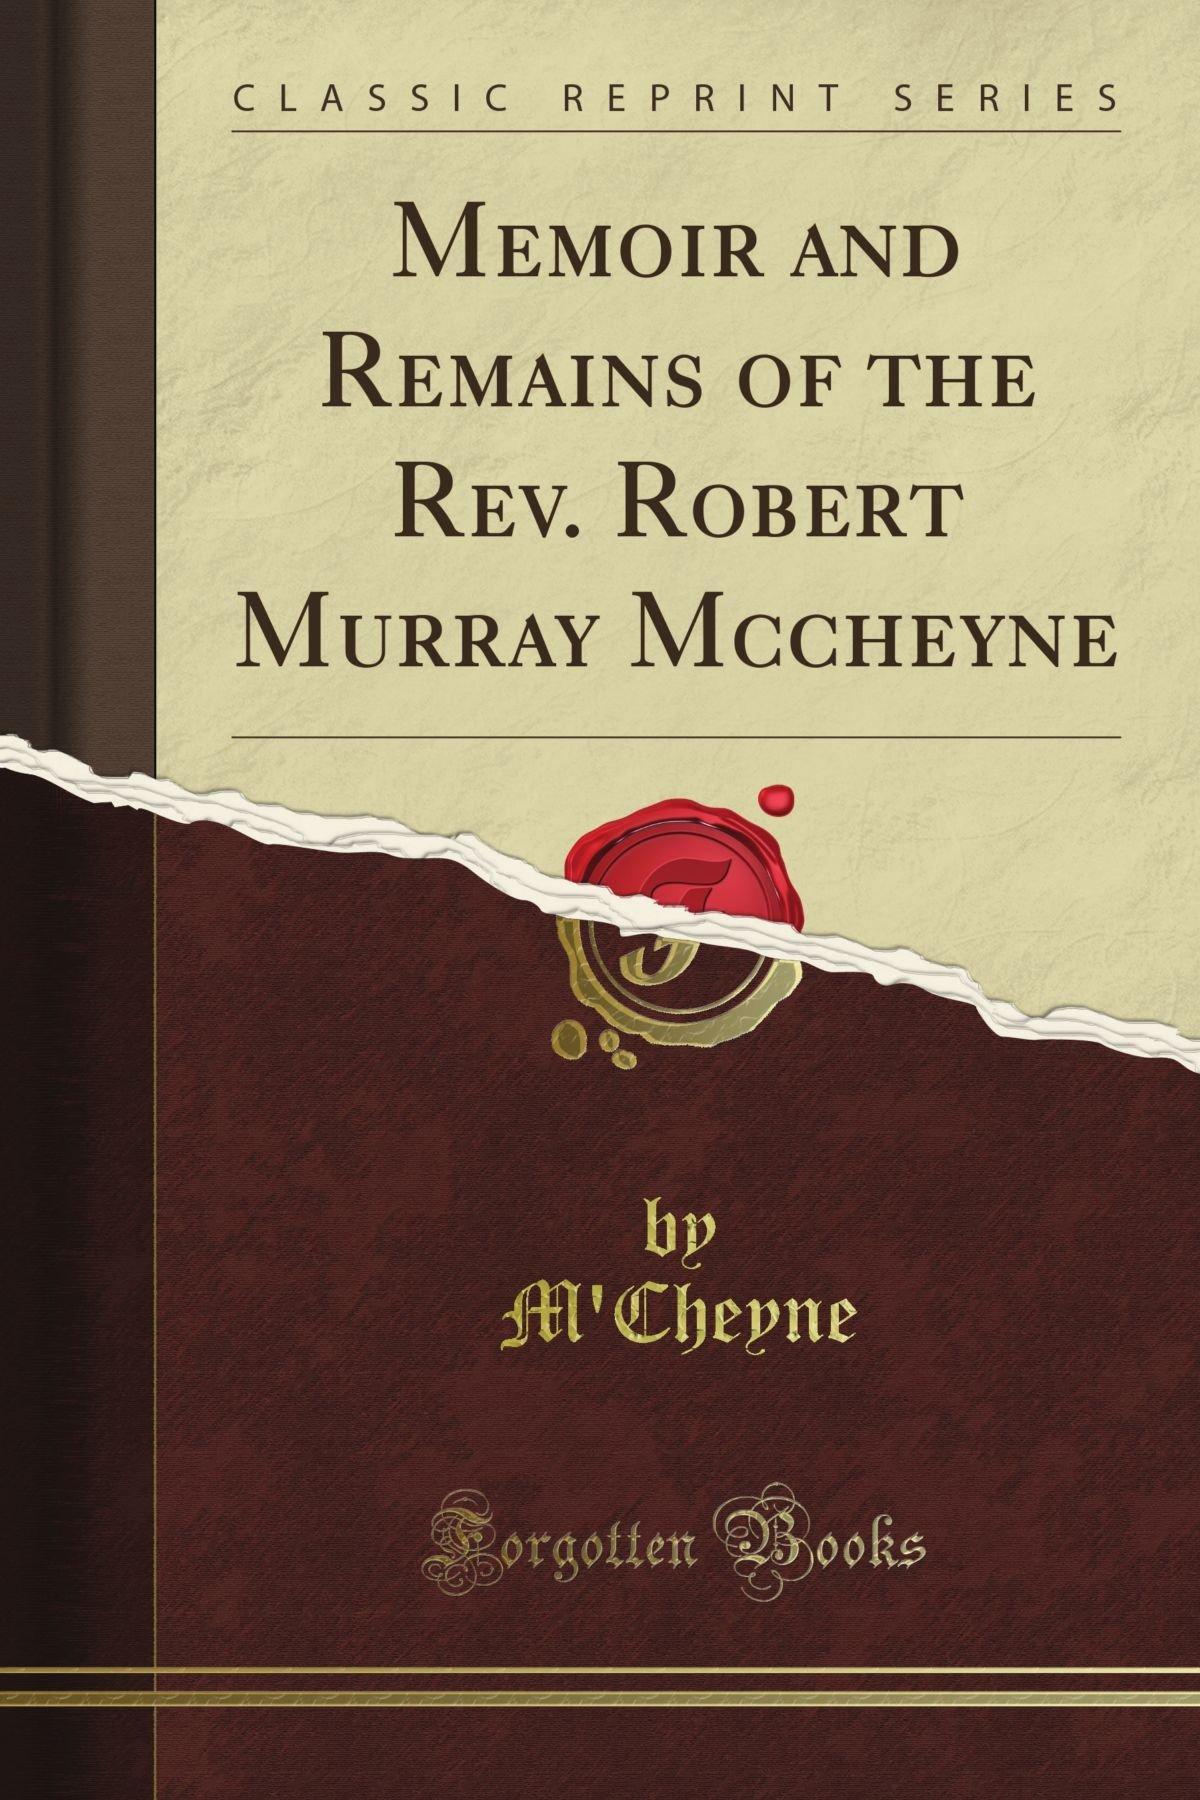 Memoir and Remains of the Rev. Robert Murray Mccheyne (Classic Reprint)